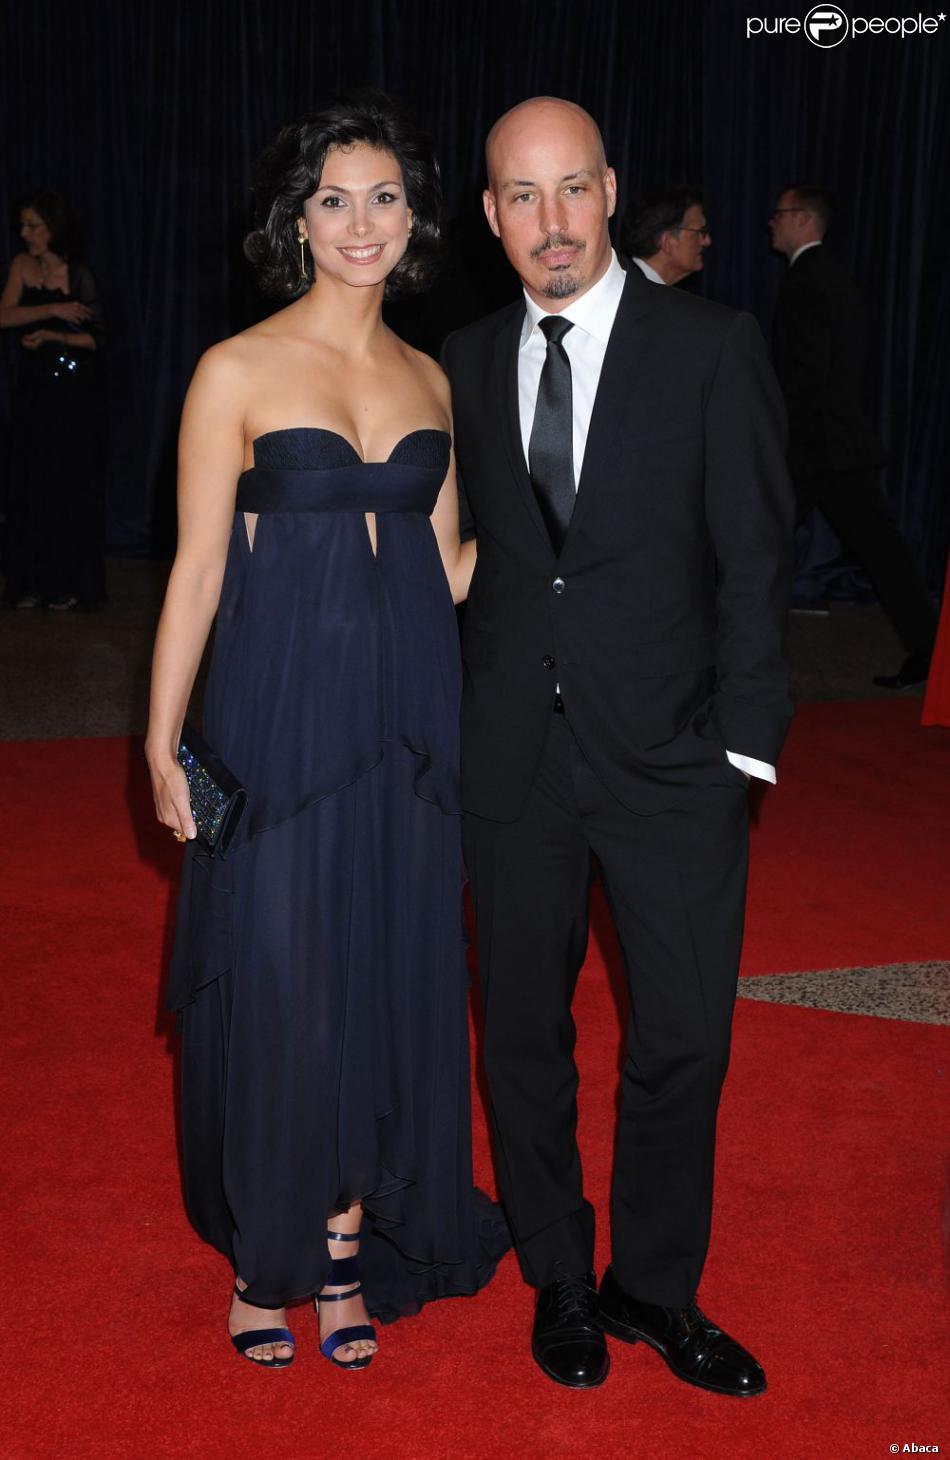 Morena Baccarin et son mari Austin Chick lors du dîner des correspondants de presse à la Maison Blanche, le 27 avril 2013 à Washington